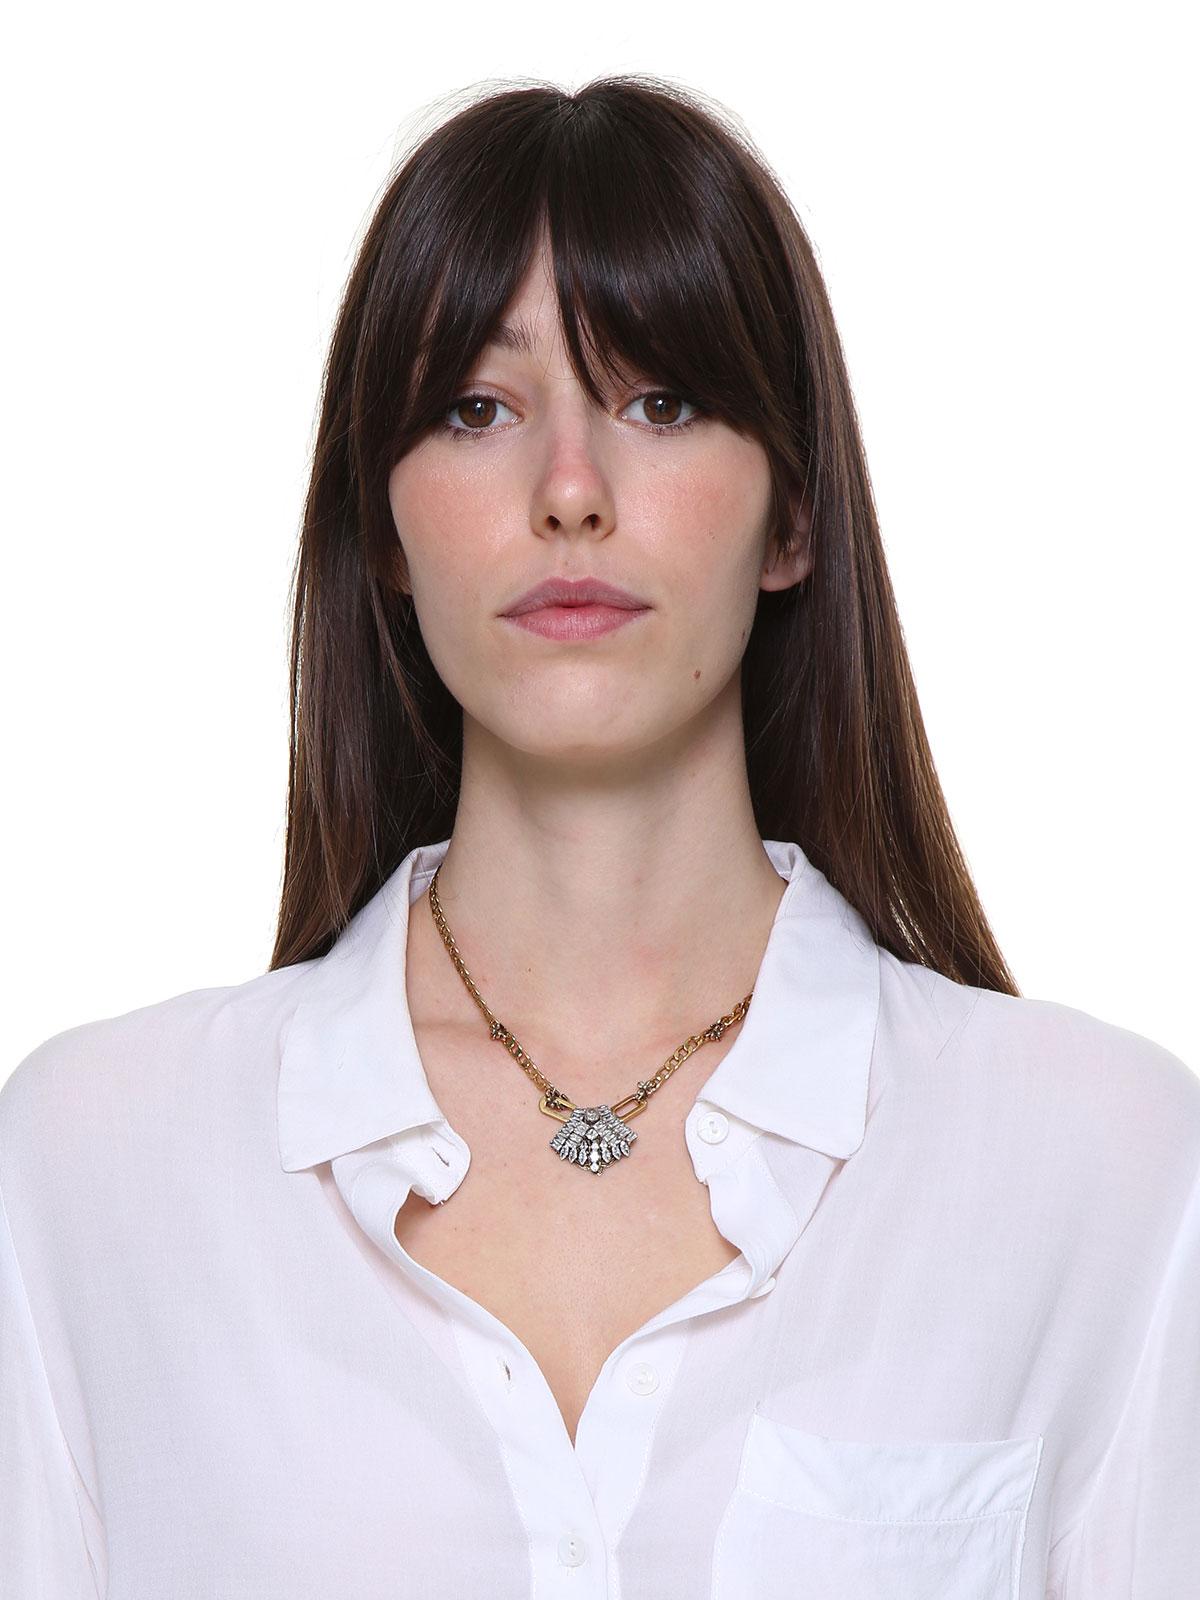 Collana di catena con decorazione centrale ventaglio gioiello